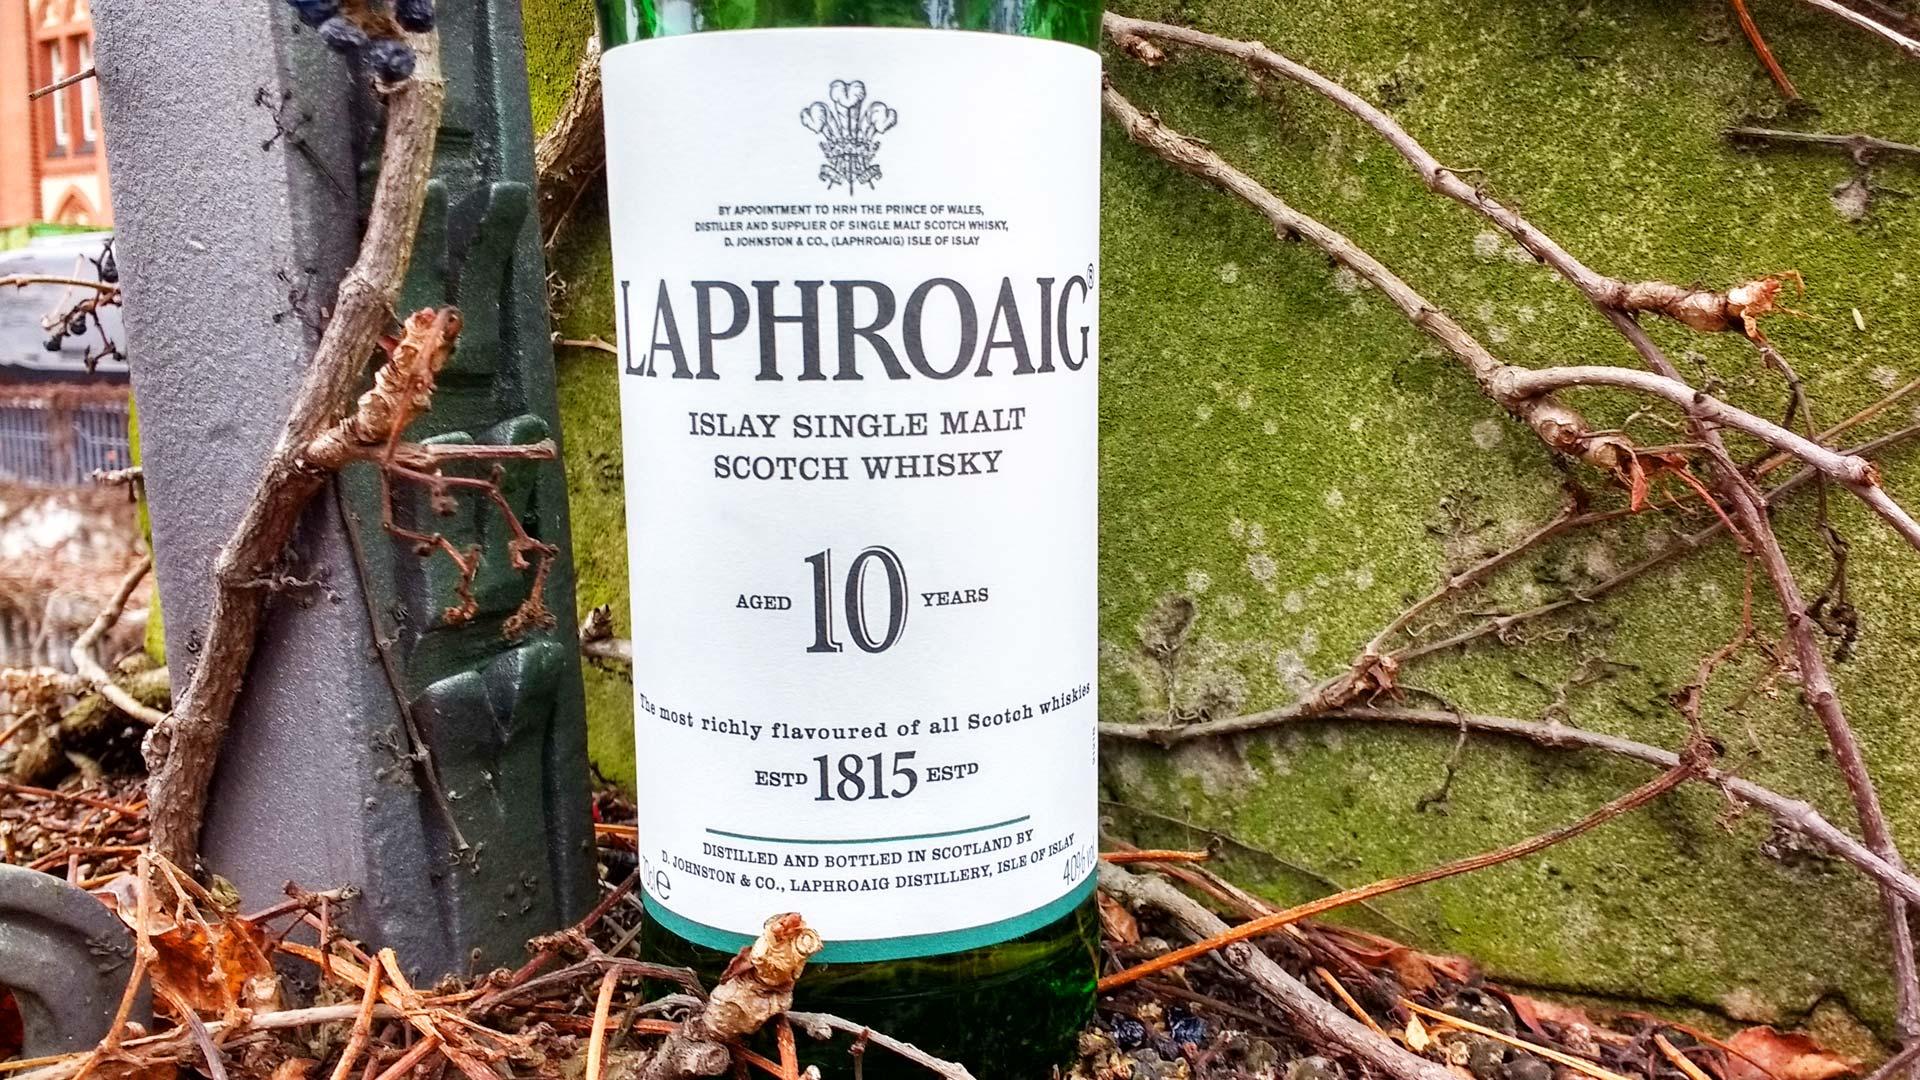 Der Geschmack des Laphroaig 10 Jahre ist unverwechselbar - ein Whisky den man als Einsteiger probiert haben sollte. (Foto: Malt Whisky)